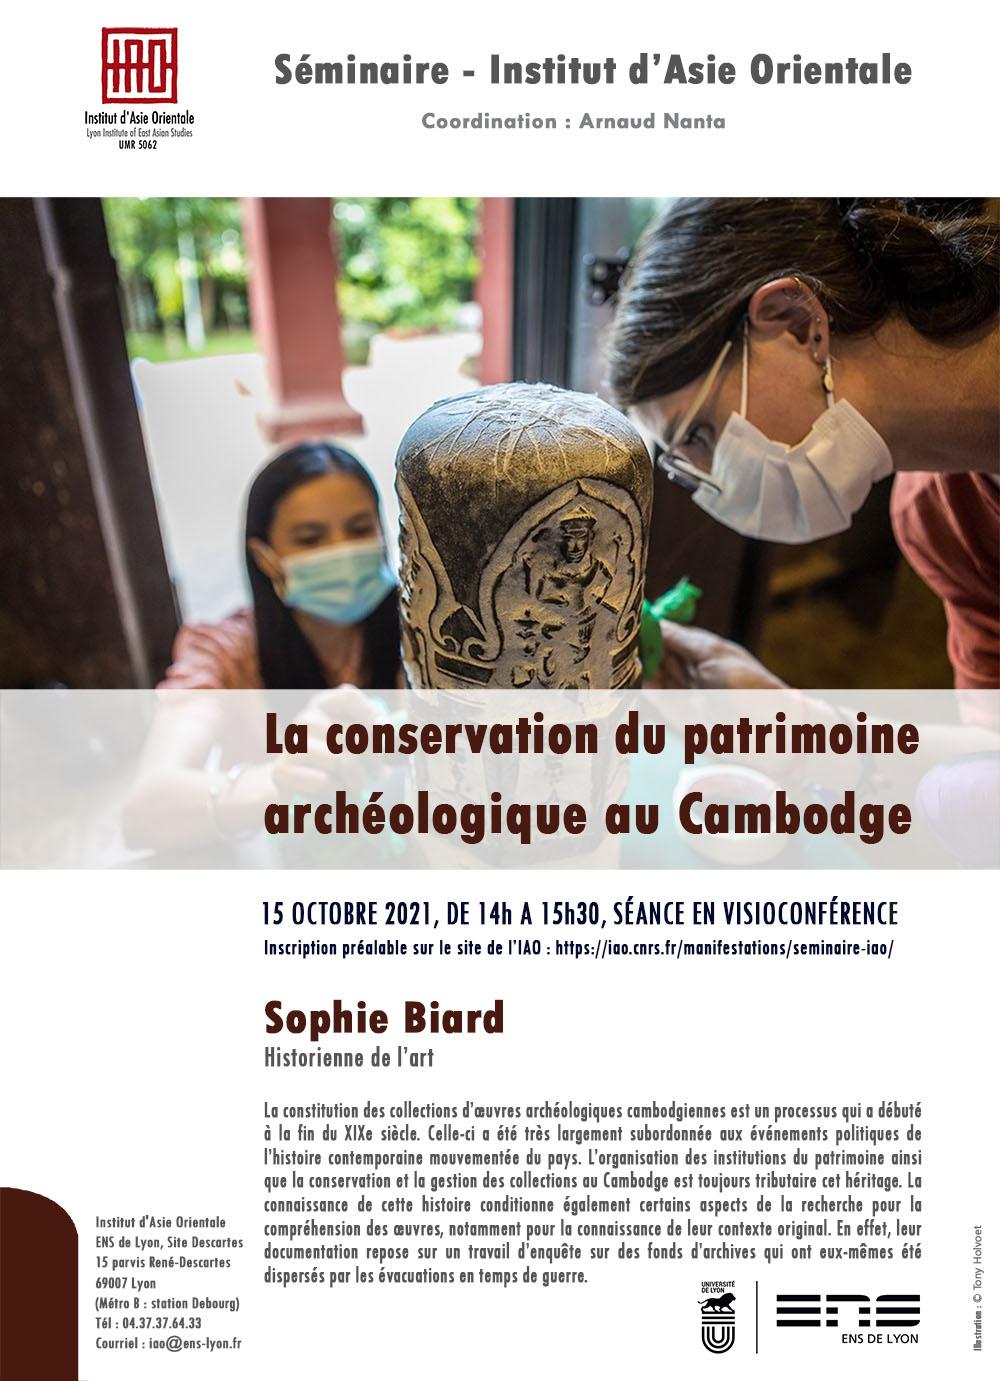 Sophie Biard, La conservation du patrimoine archéologique au Cambodge